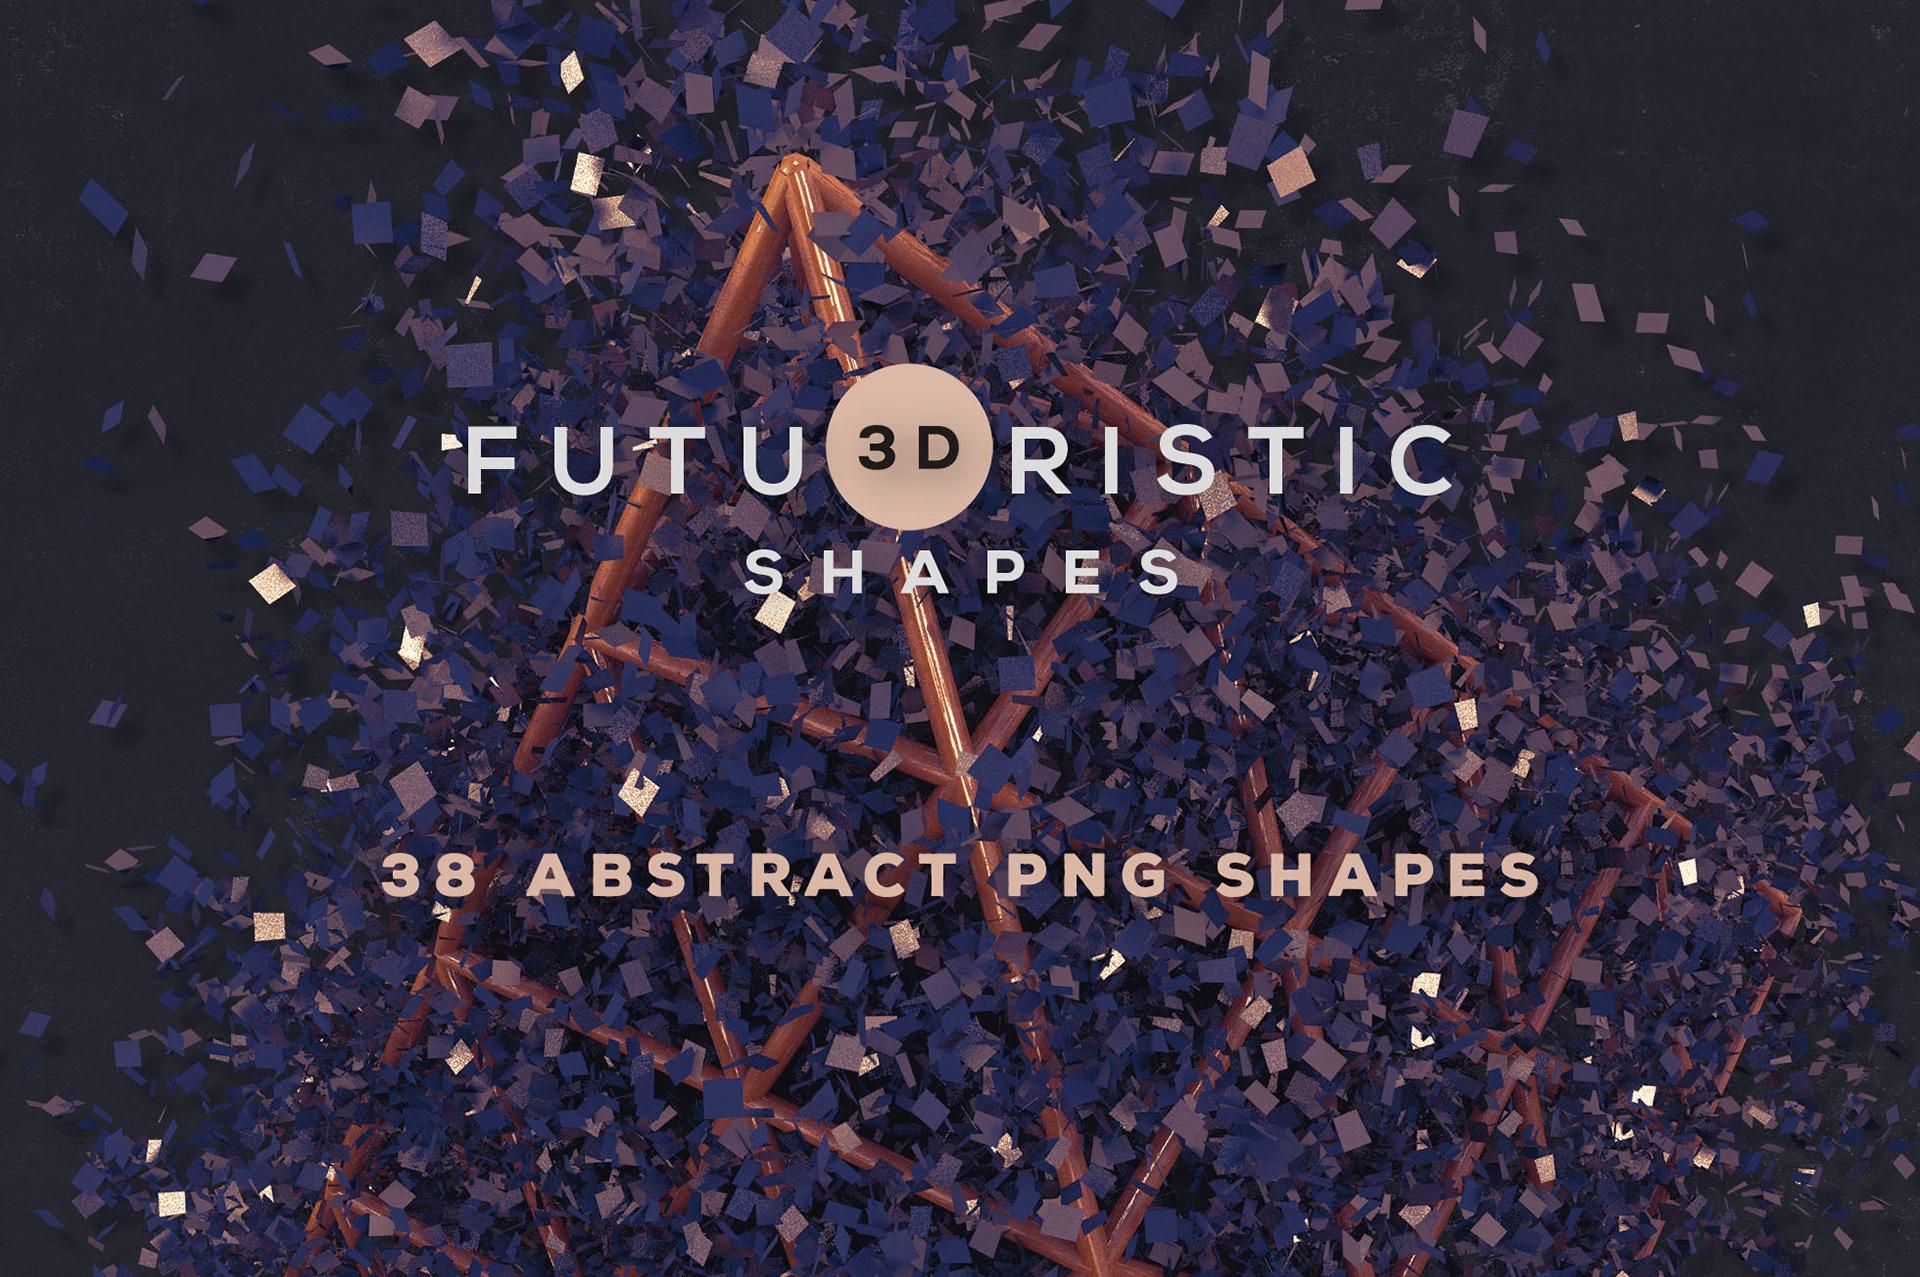 38个创意抽象3D科幻金属图形纹理素材 3D Abstract Shapes 16插图(1)